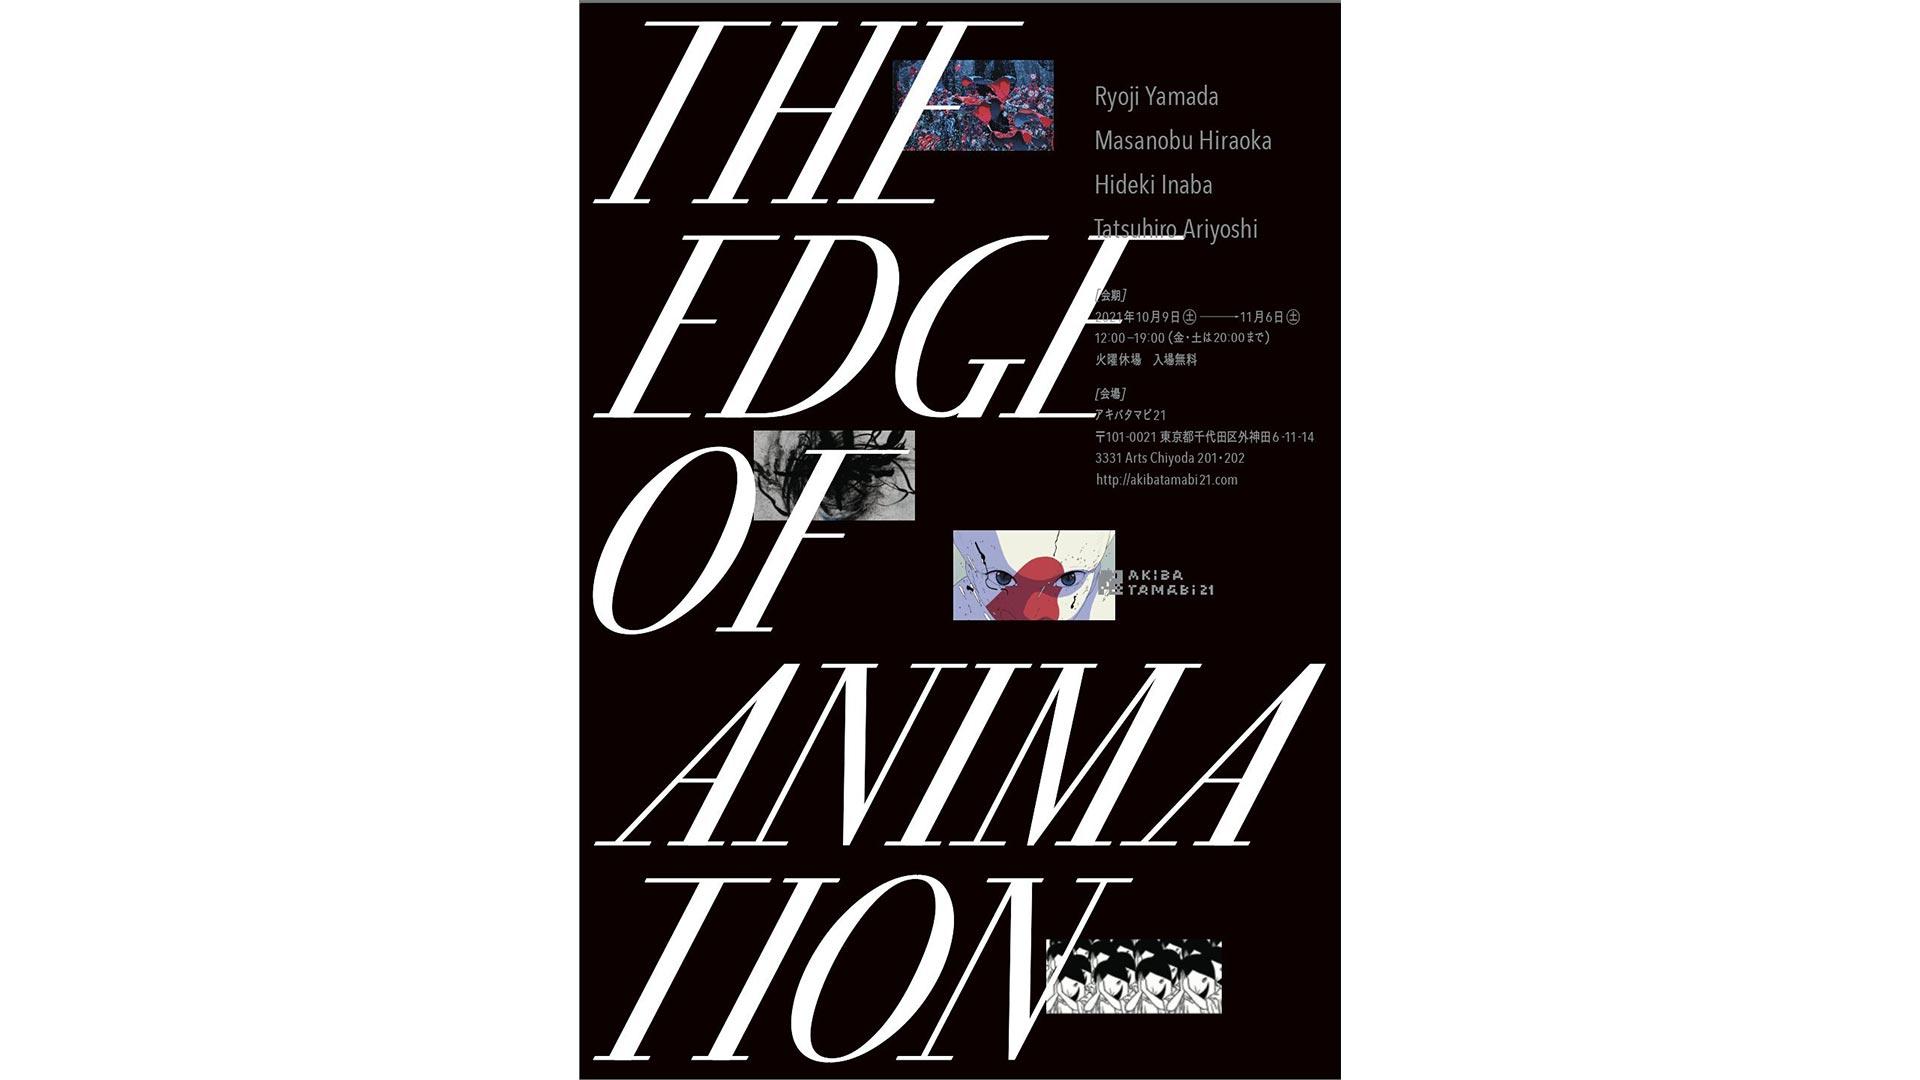 グループ展「The Edge of Animation」に稲葉秀樹 (P.I.C.S. management)が参加。